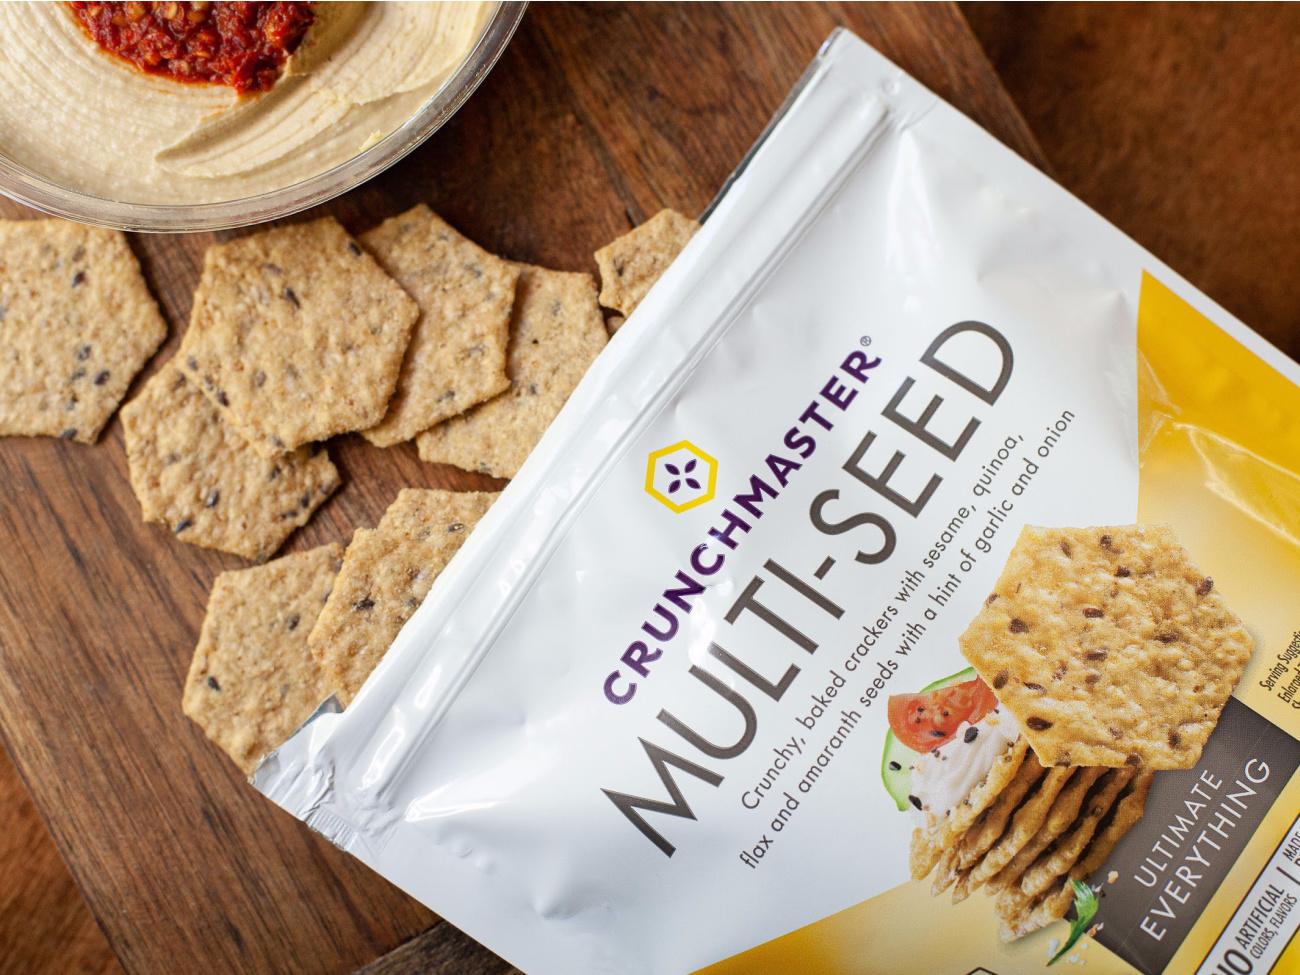 Crunchmaster Crackers Just 66¢ Per Bag At Publix on I Heart Publix